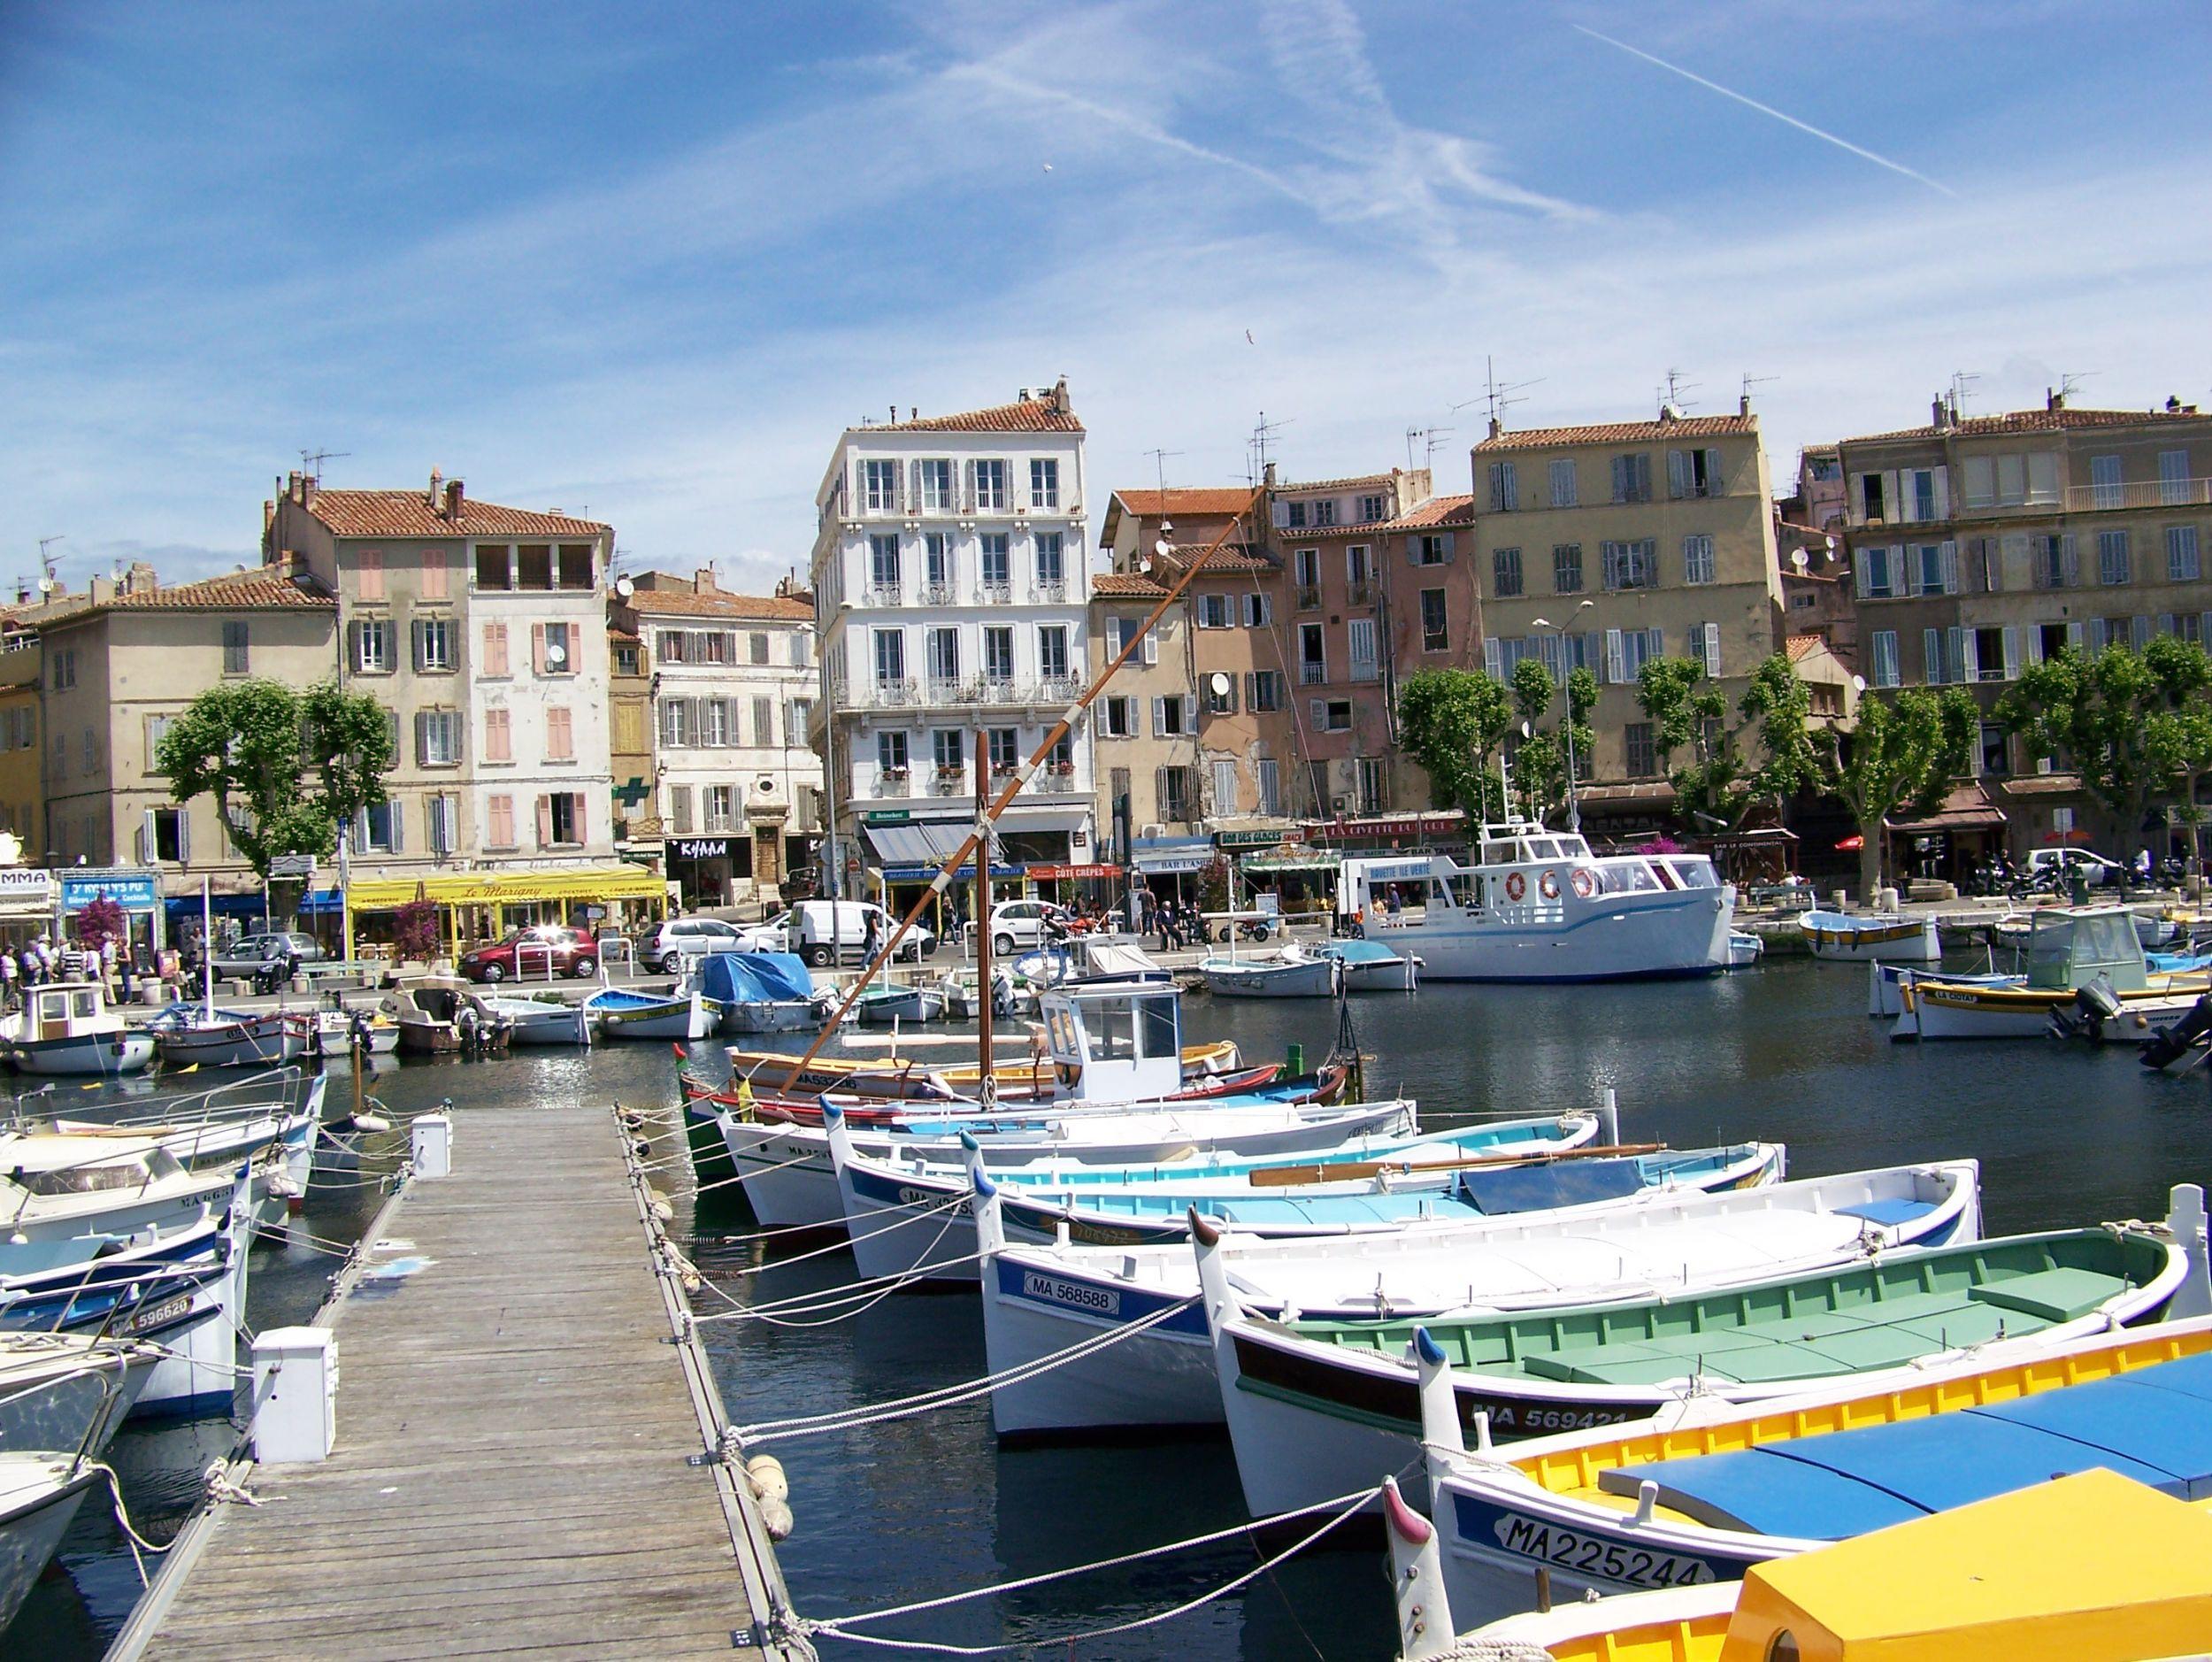 La ciotat le vieux port france boat design net - Restaurant port la ciotat ...